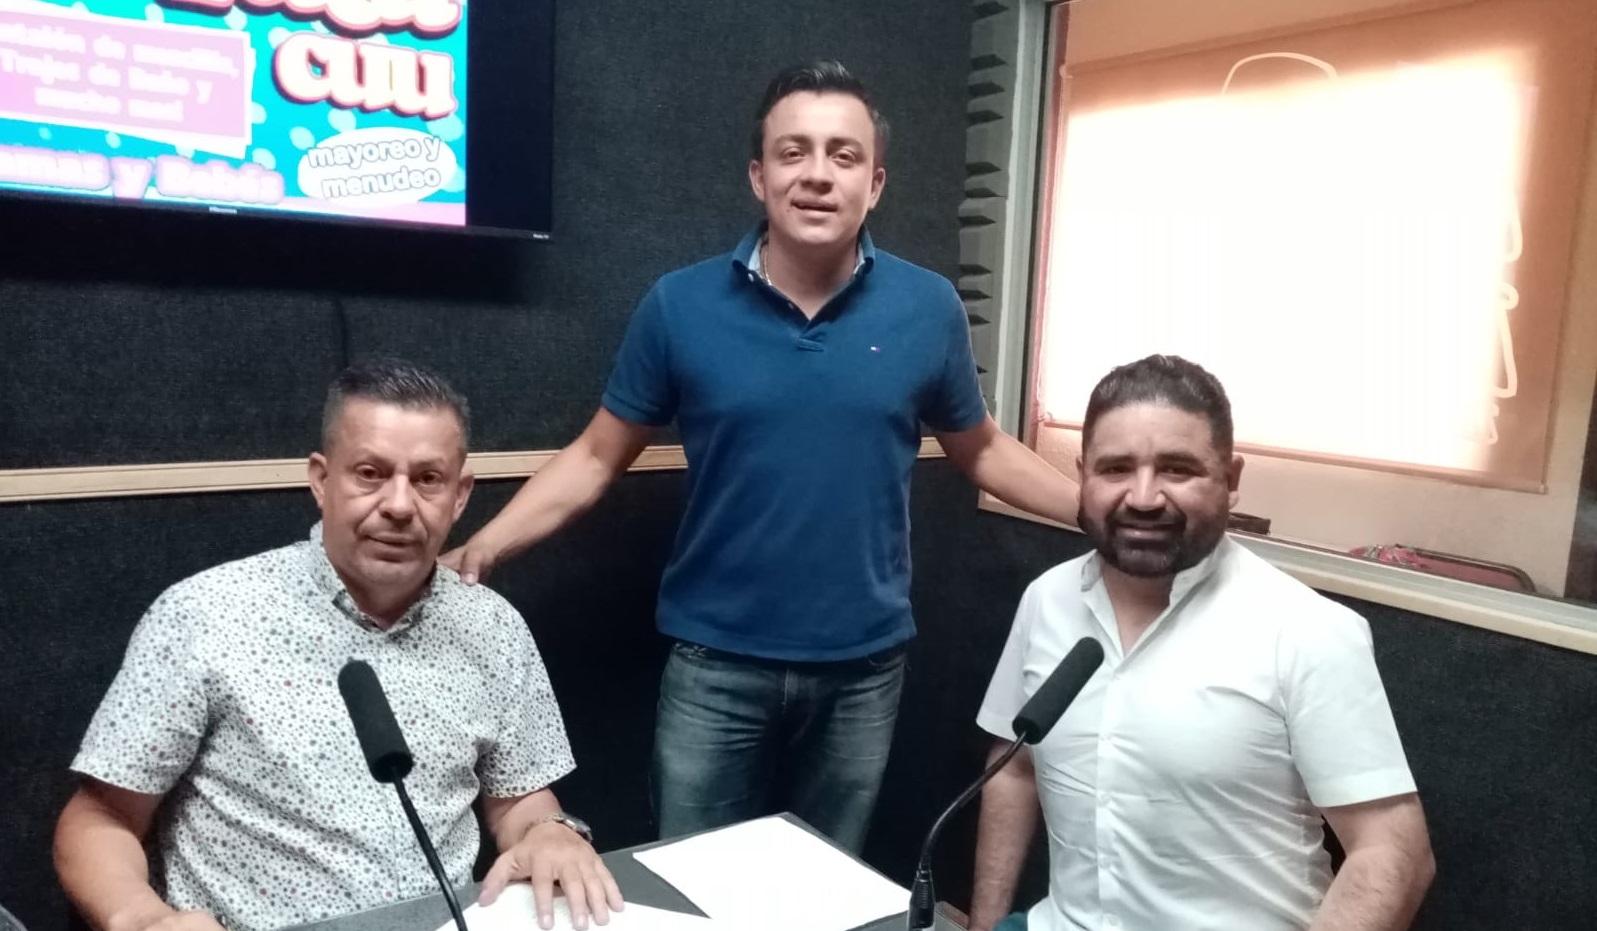 Si Javier Corral tocara puertas en MC, se le tratará como a cualquier otro ciudadano: Francisco Sánchez